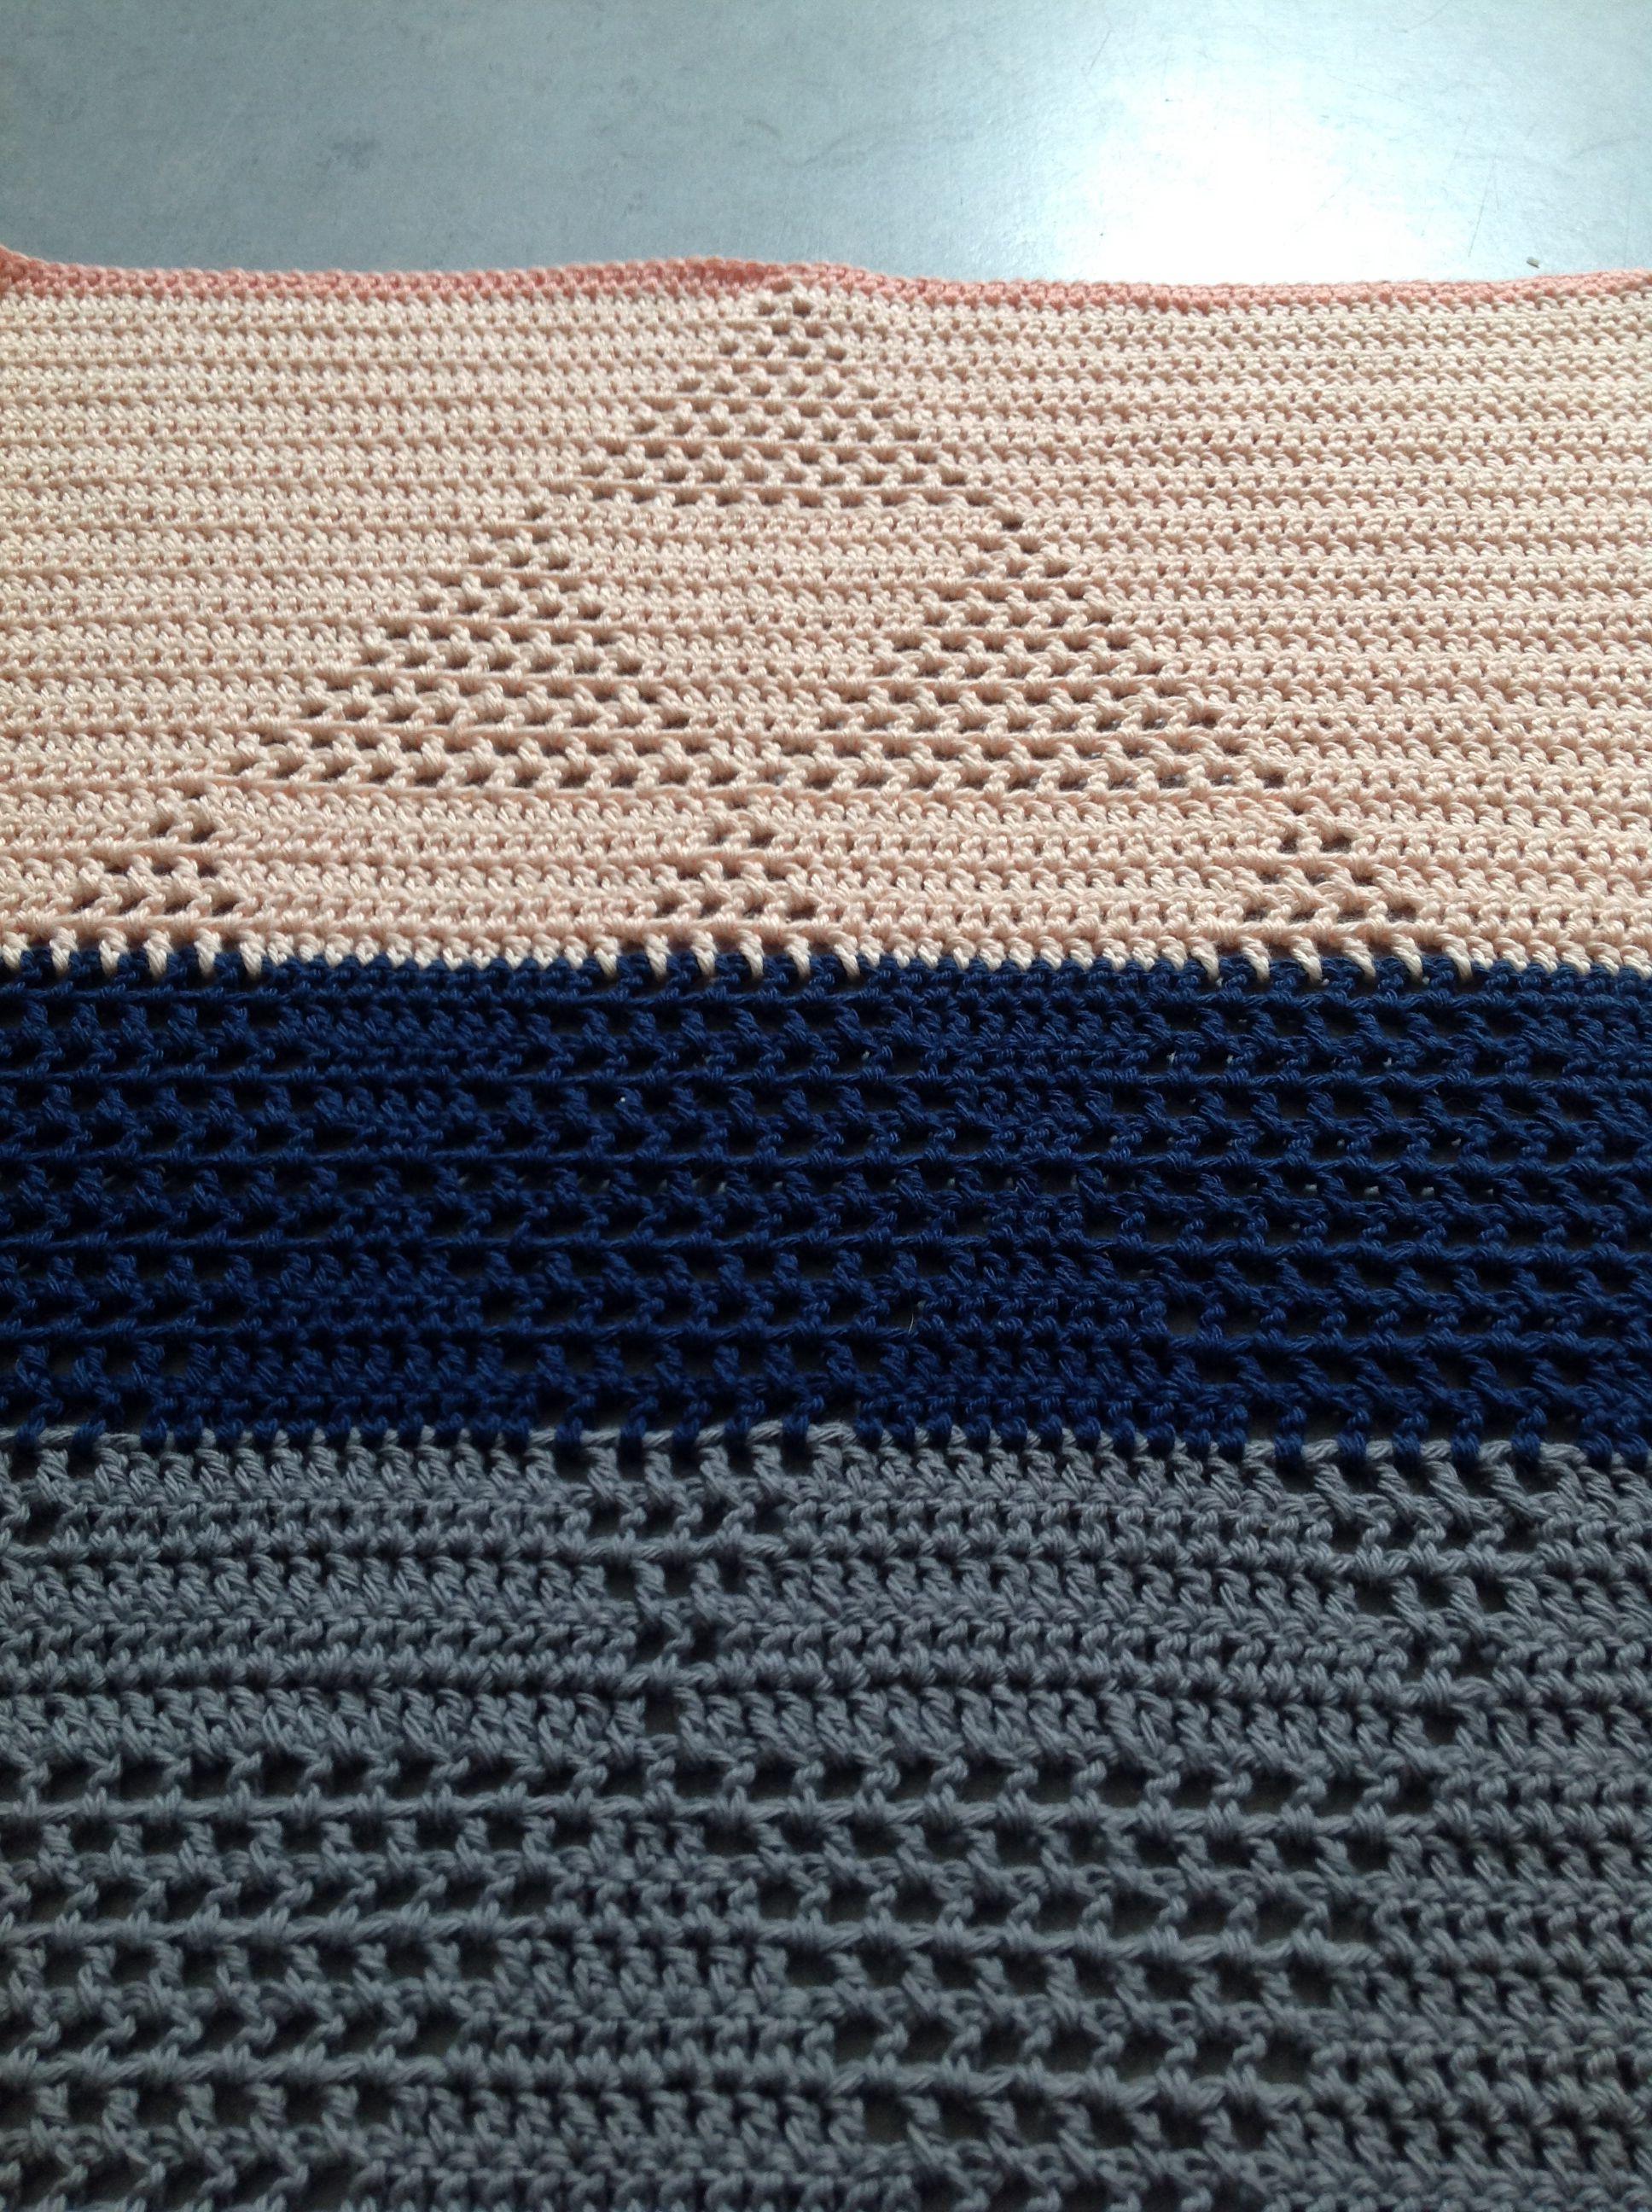 Hæklet harlekinshåndklæder fra Tichtach